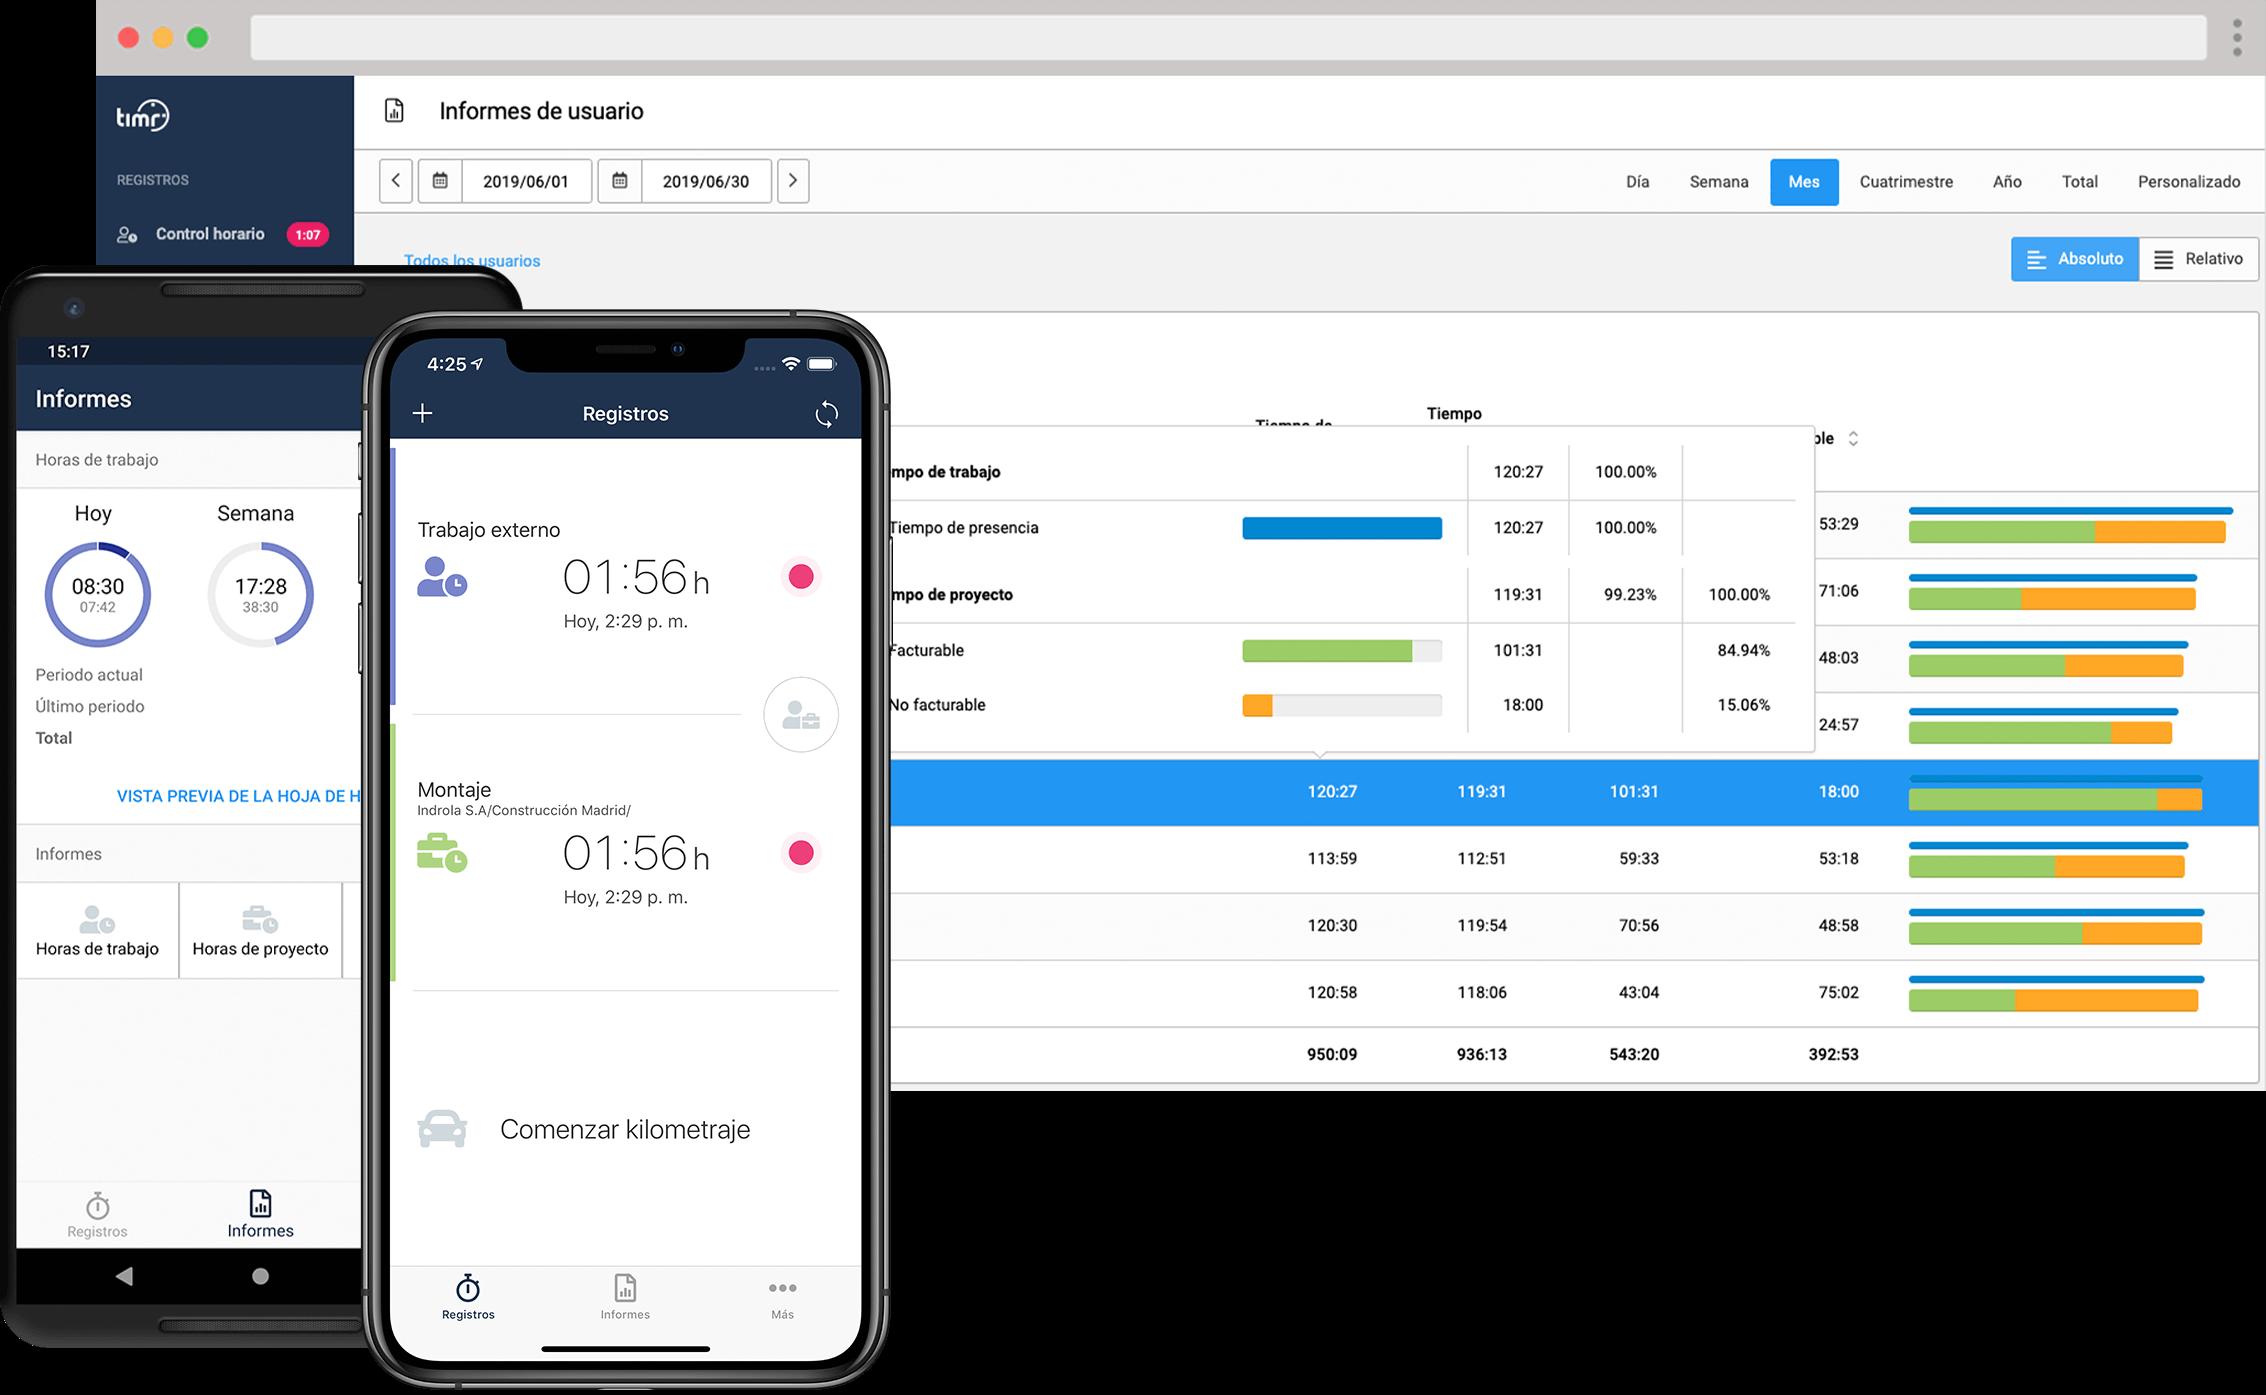 يتيح لك هذا التطبيق تسجيل الدخول بسهولة باستخدام خيارات لجميع أنواع الحالات 1